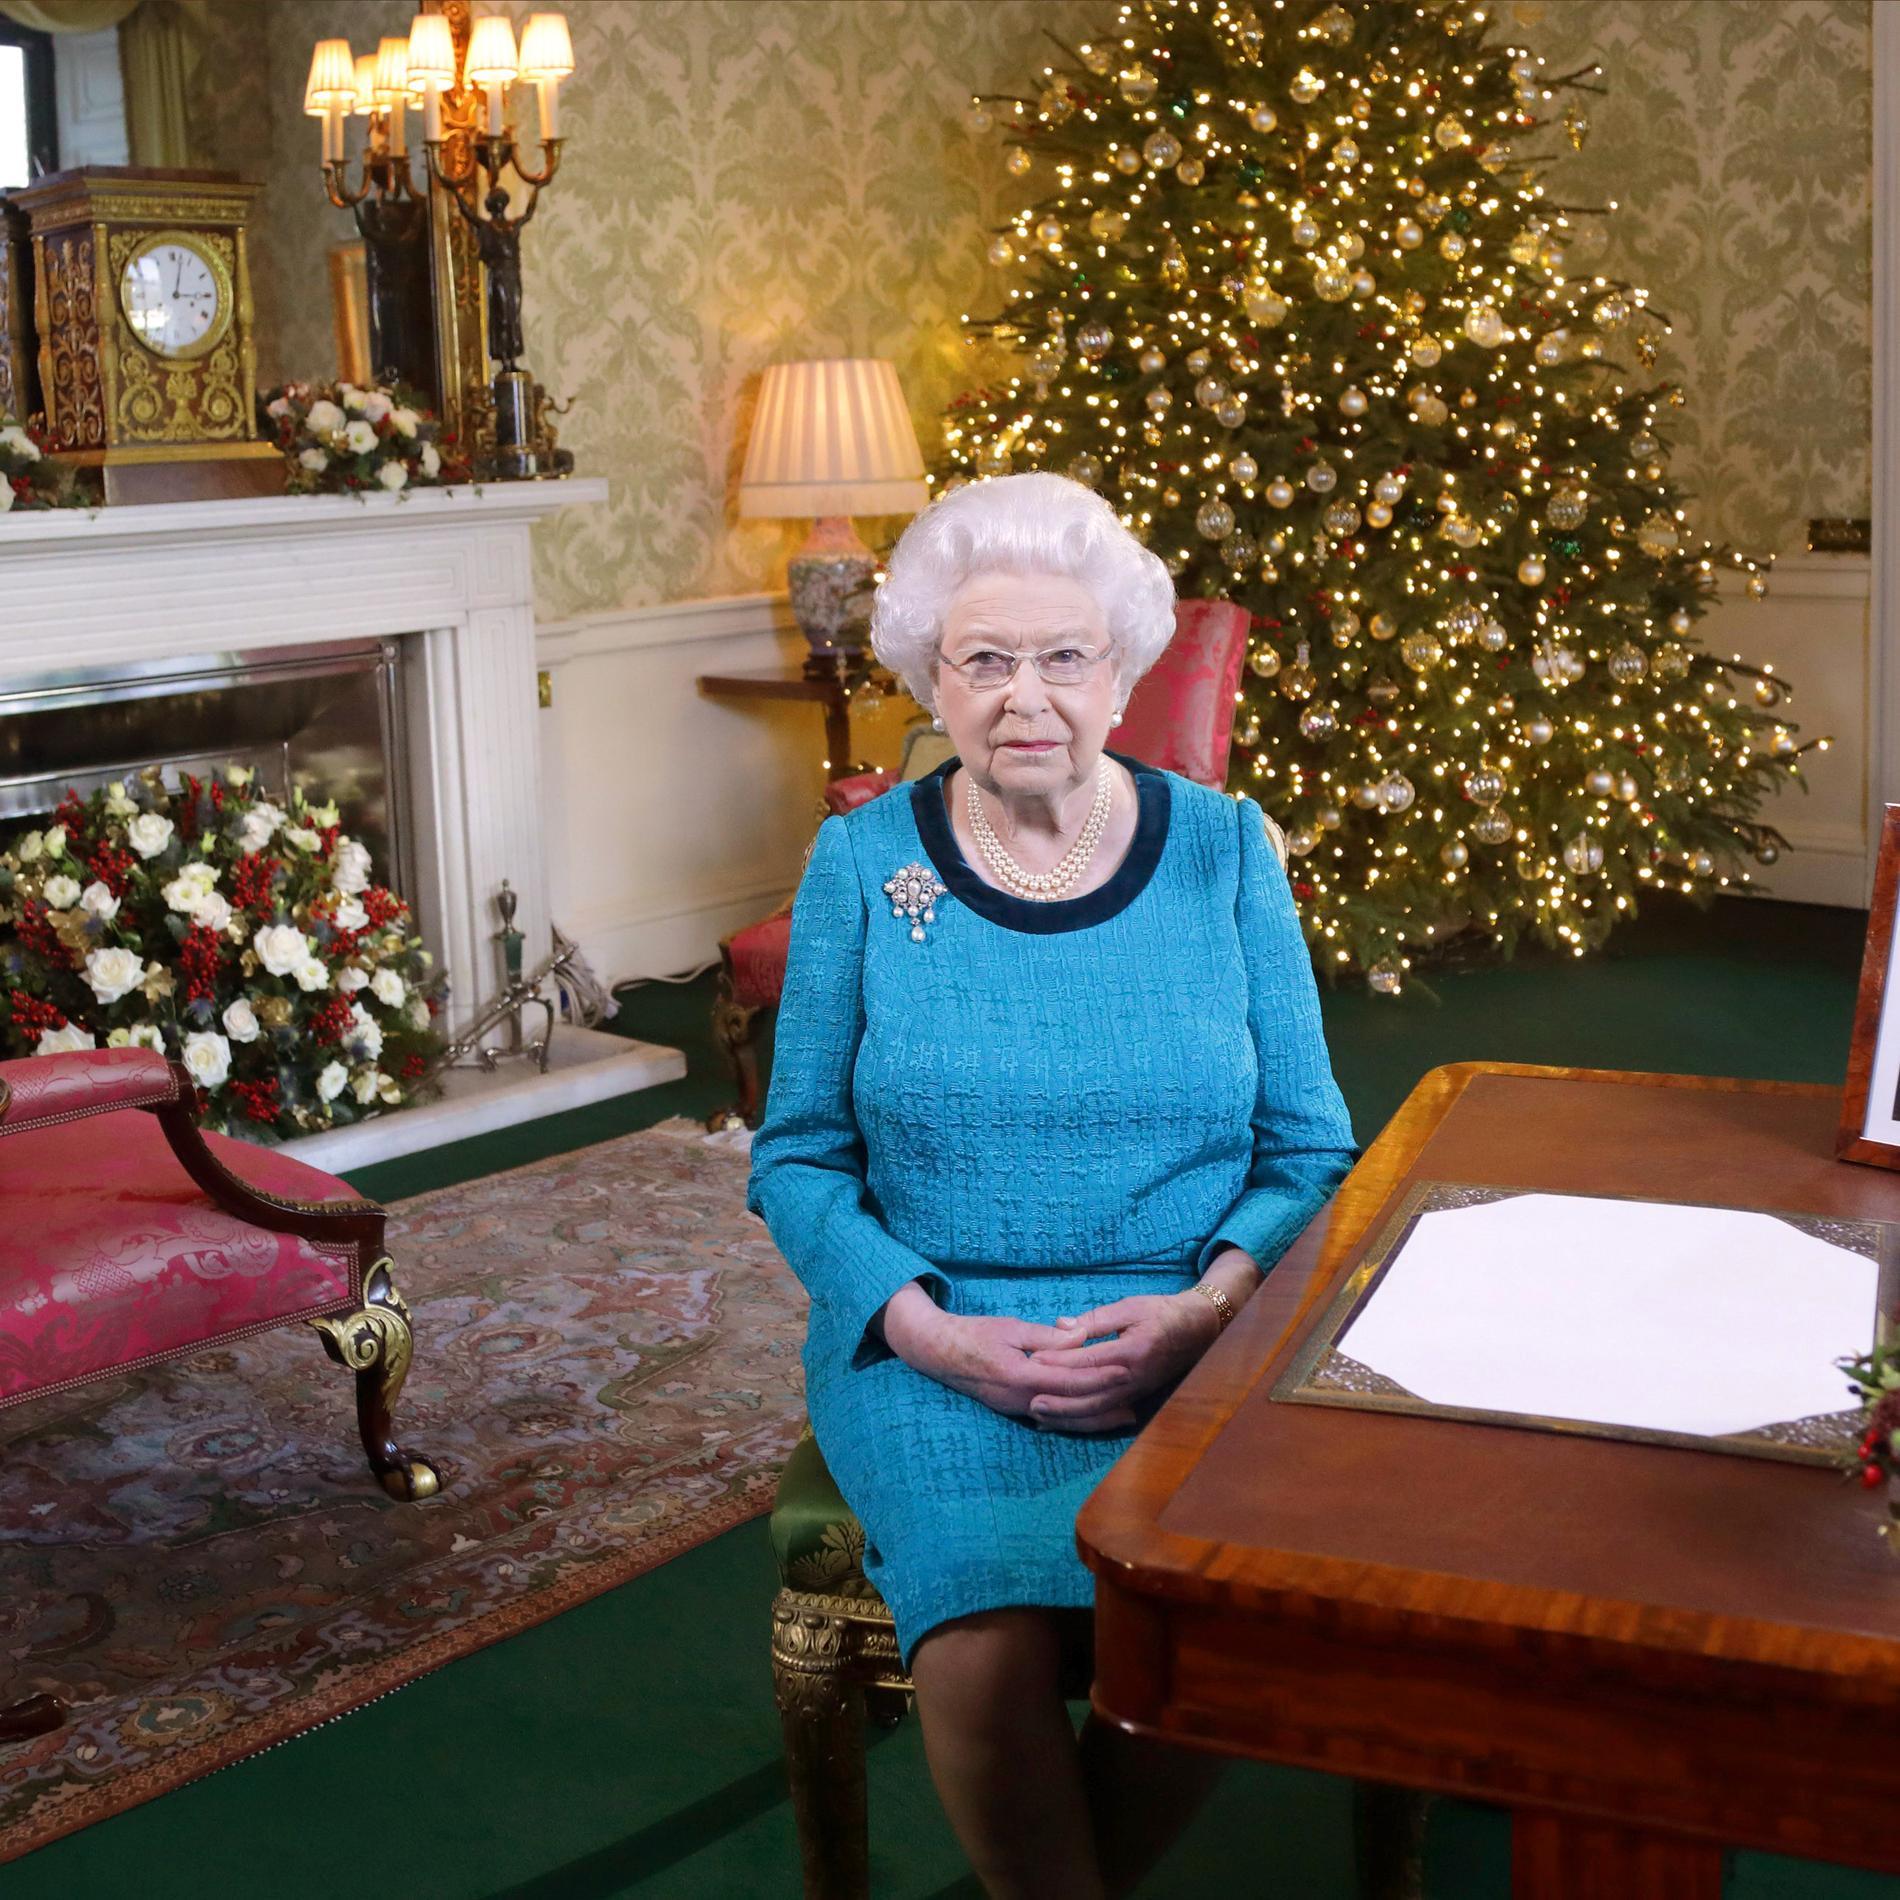 Noël est arrivé à Buckingham Palace